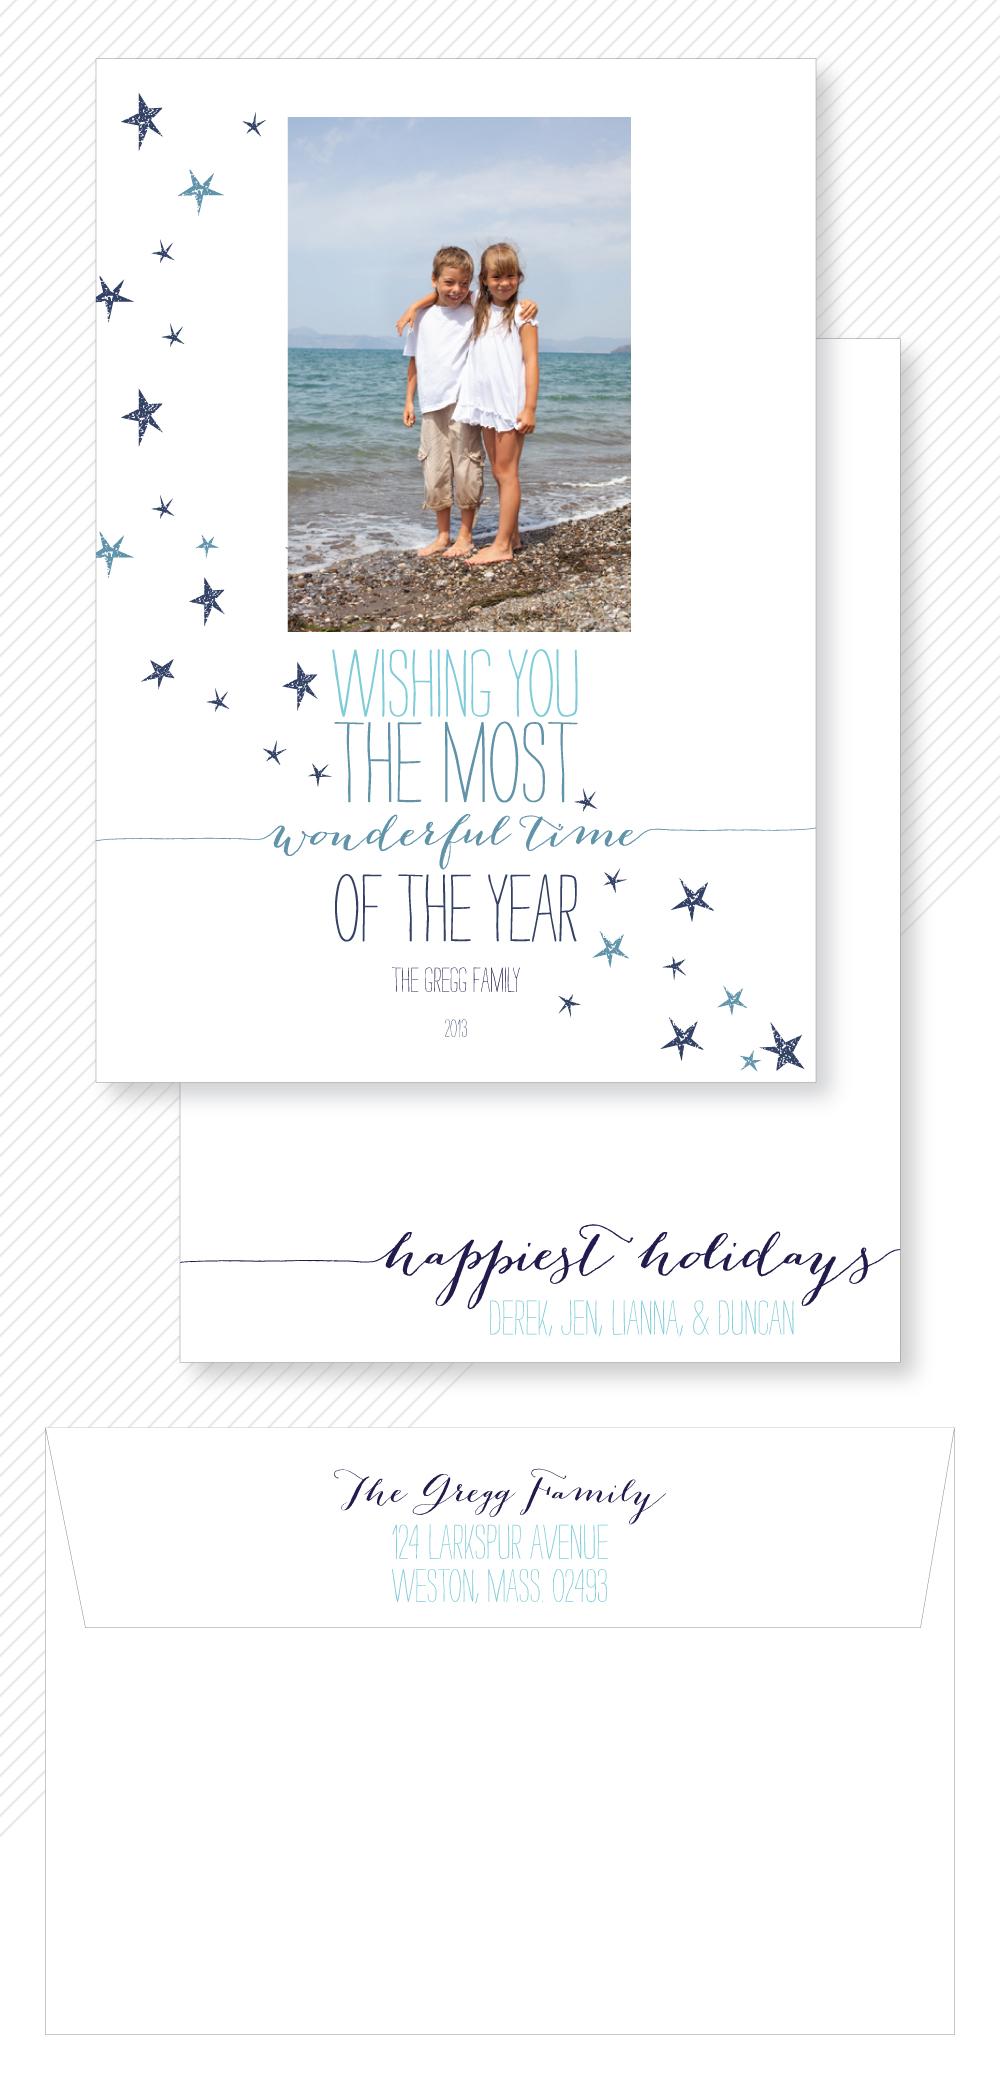 finefamily-greggfamily-custom-holiday-card-BLOGFLICKR.jpg